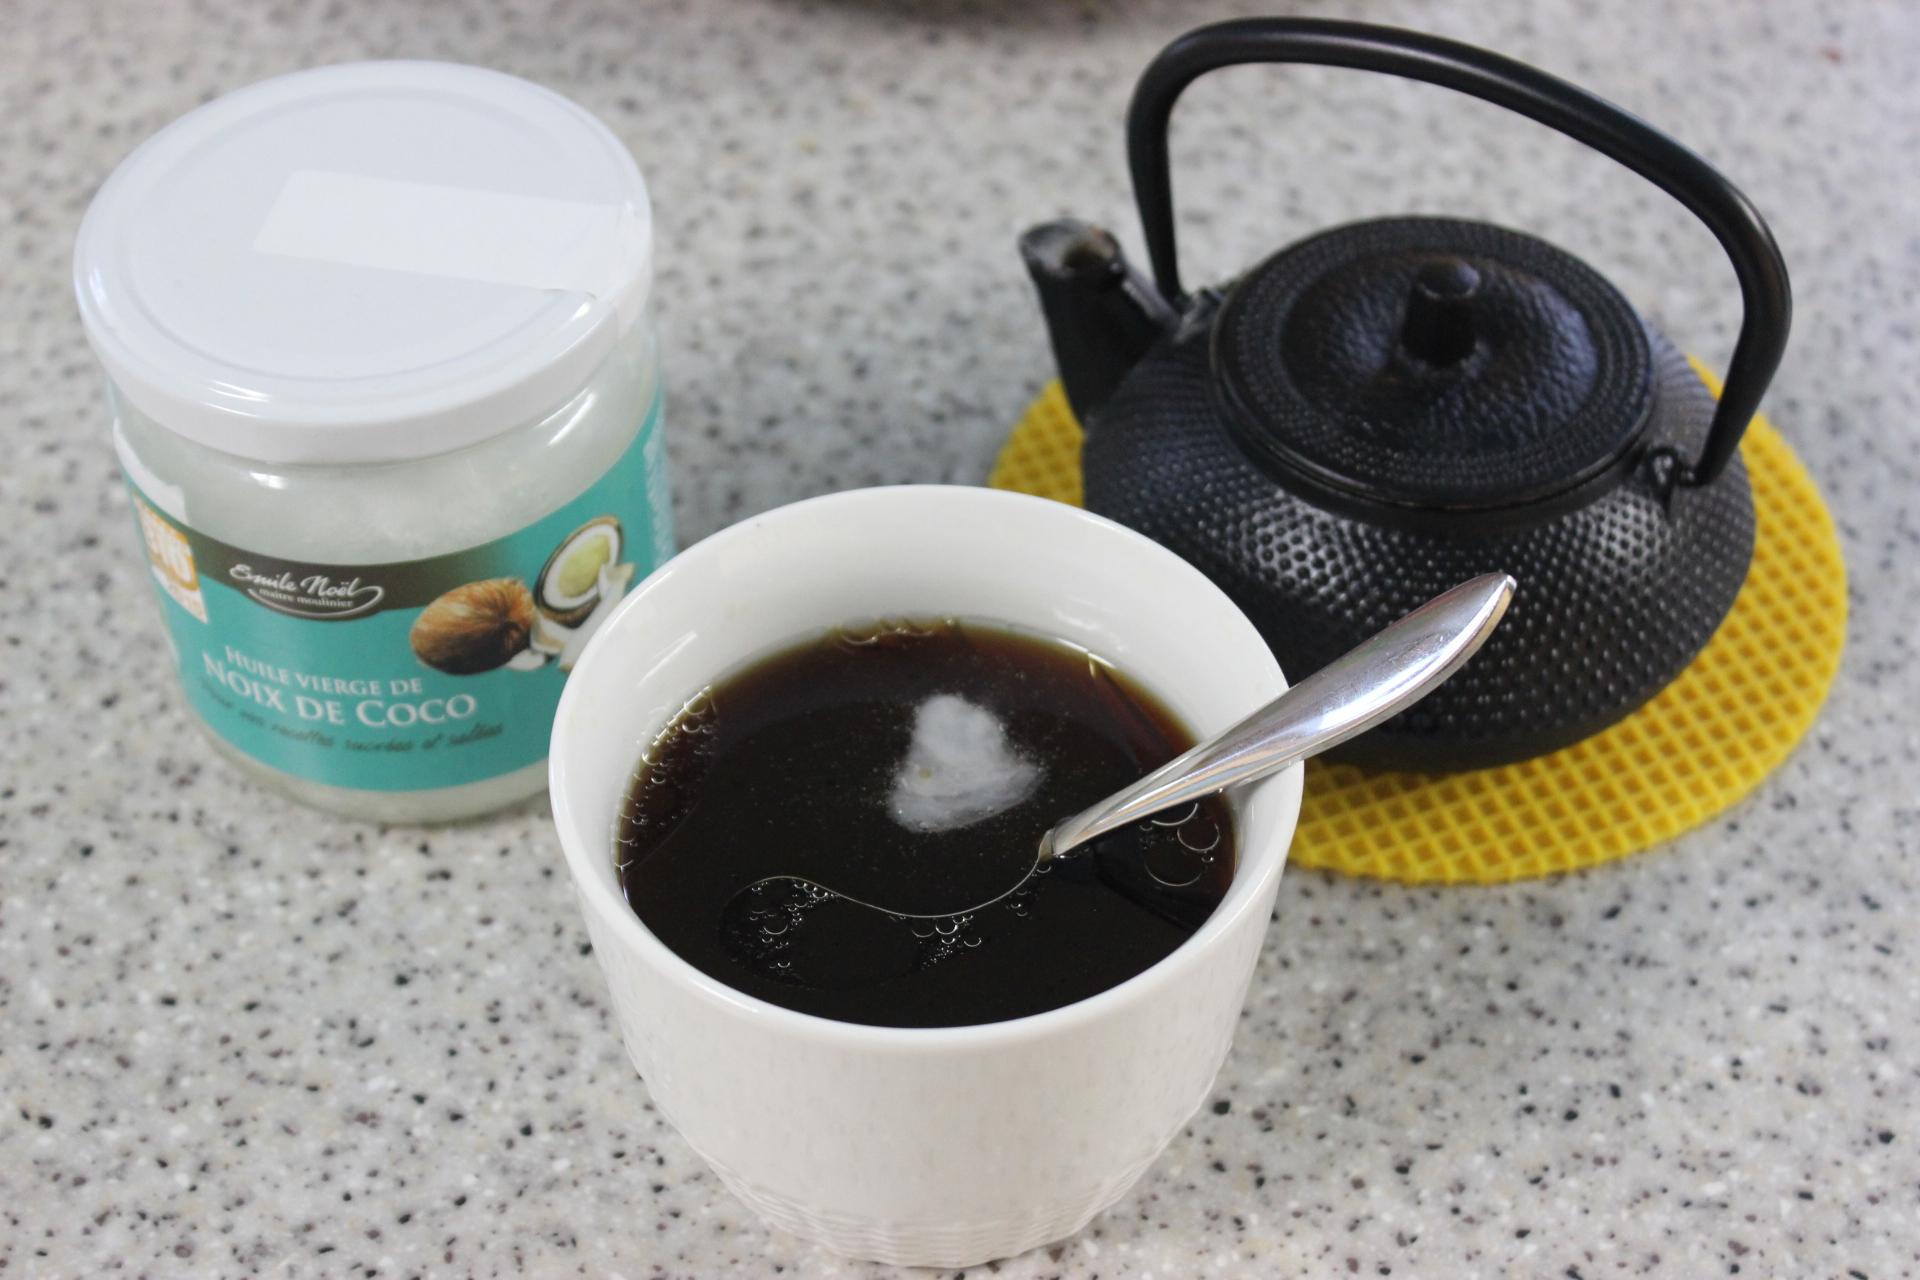 BIOレシピビオキッチンヨーロッパココナツ風味コーヒー